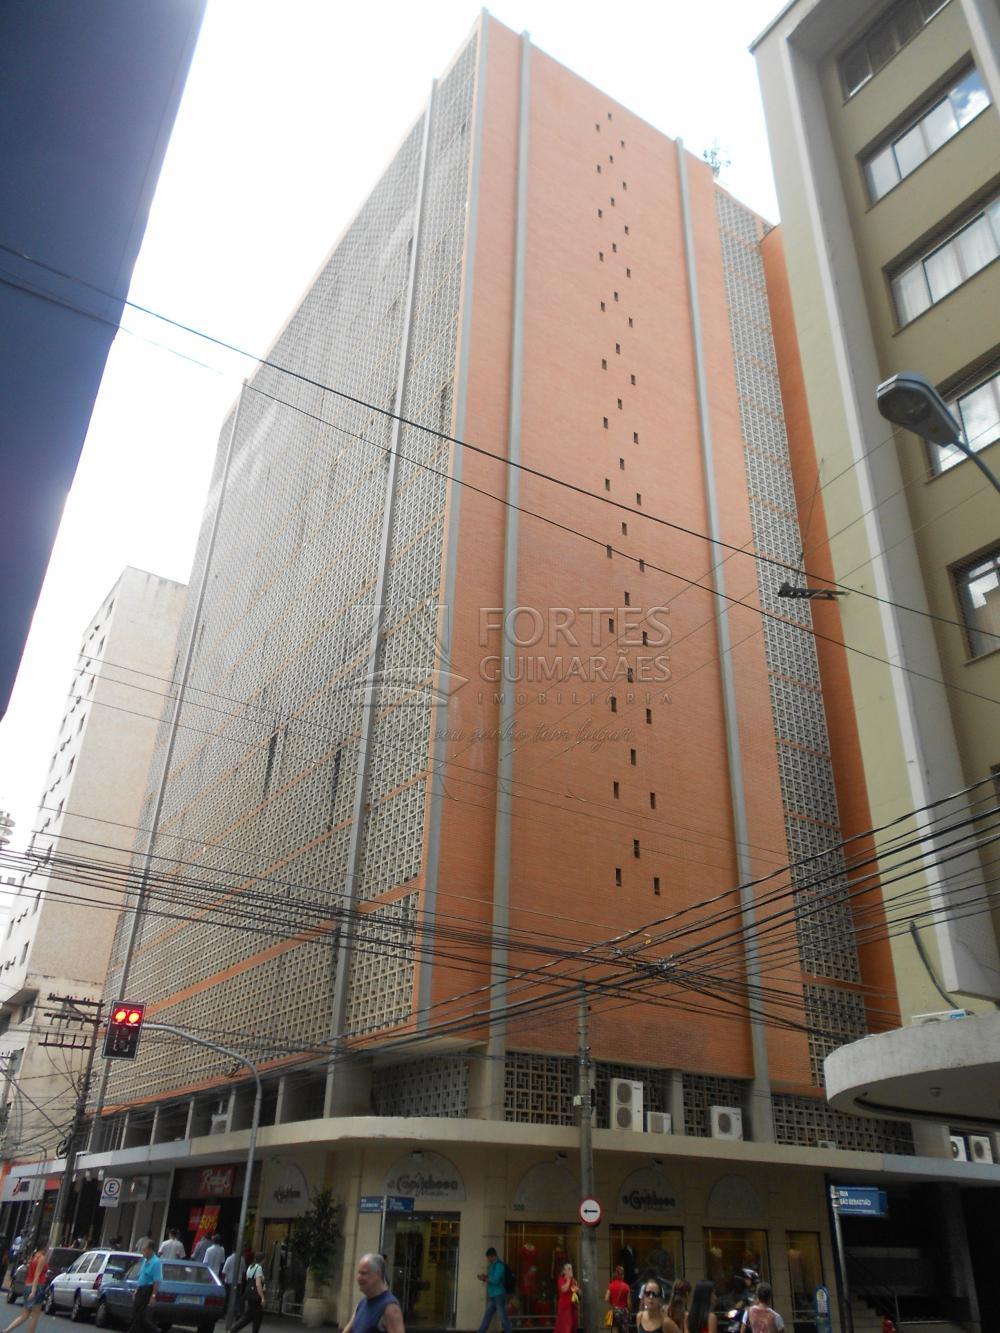 Alugar Comercial / Sala em Ribeirão Preto apenas R$ 300,00 - Foto 10